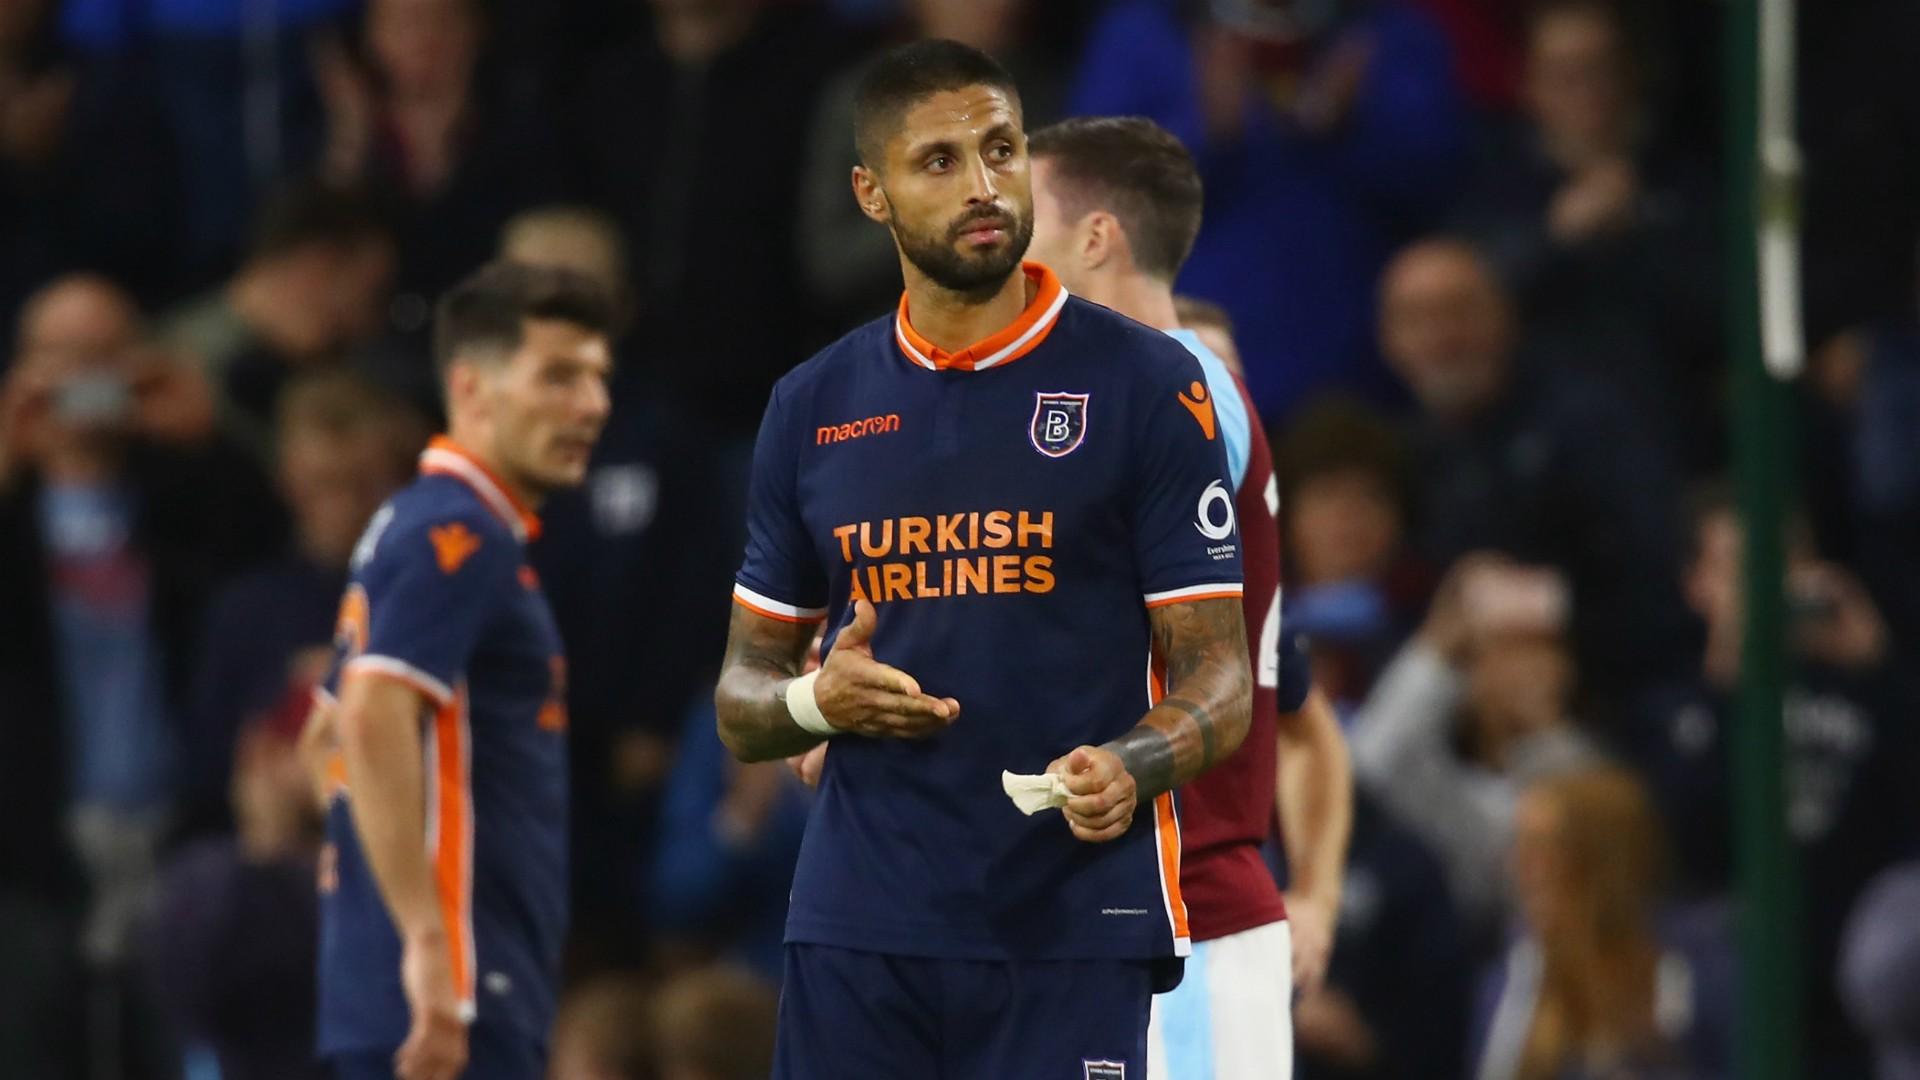 مروان داكوسطا يؤكد تفوقه بتركيا